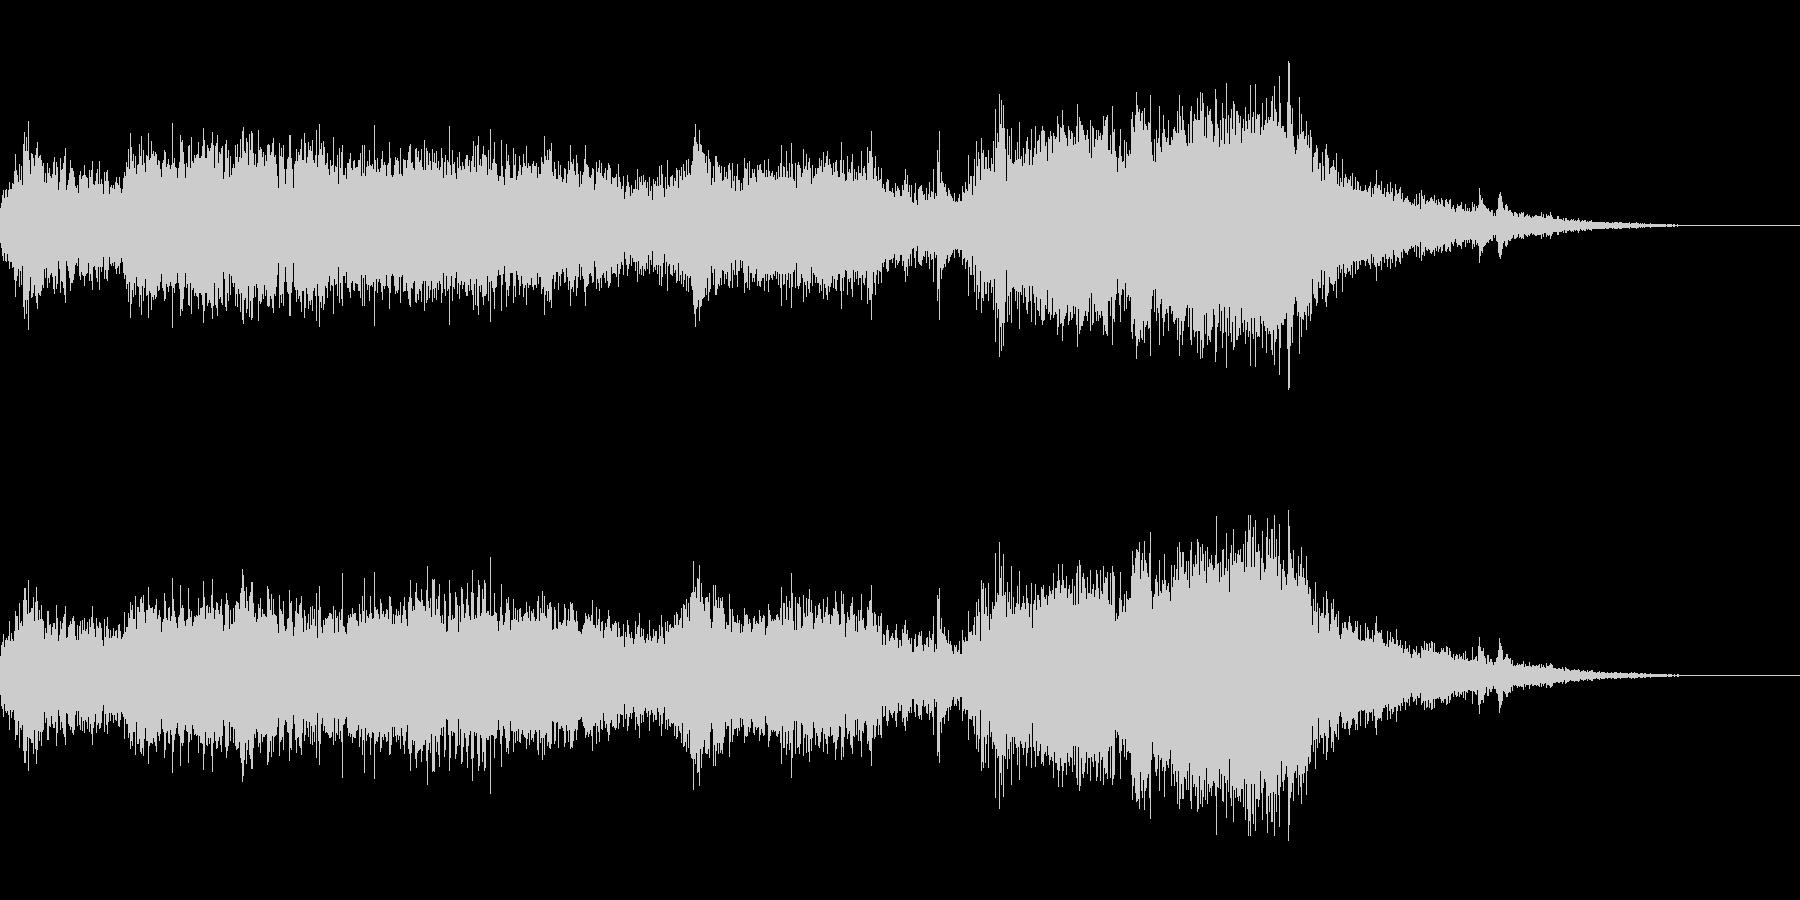 ブウォーーーーーン(エンジン音)の未再生の波形